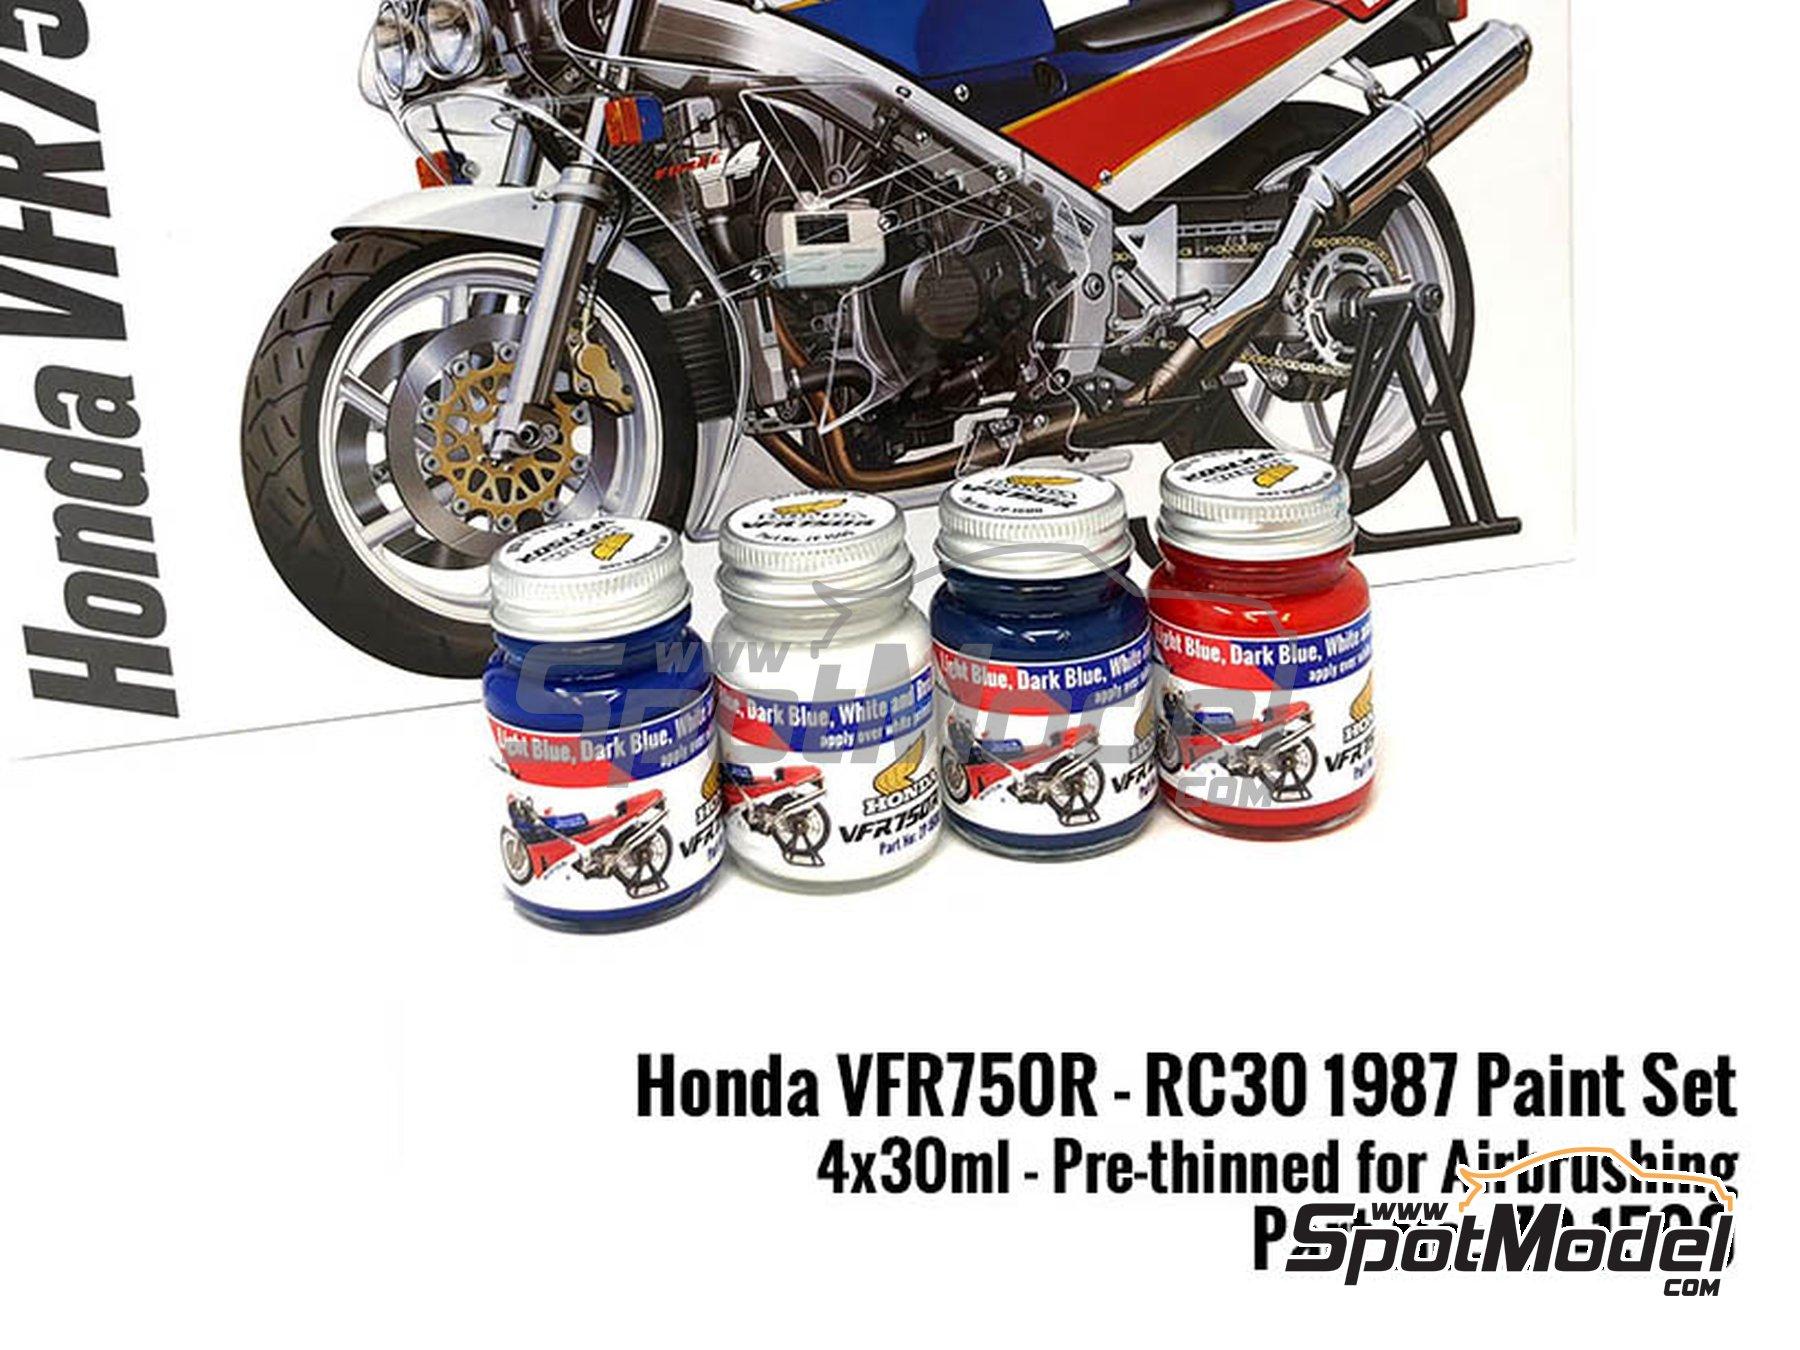 Image 1: Honda VFR750R RC30 | Paints set manufactured by Zero Paints (ref.ZP-1500)